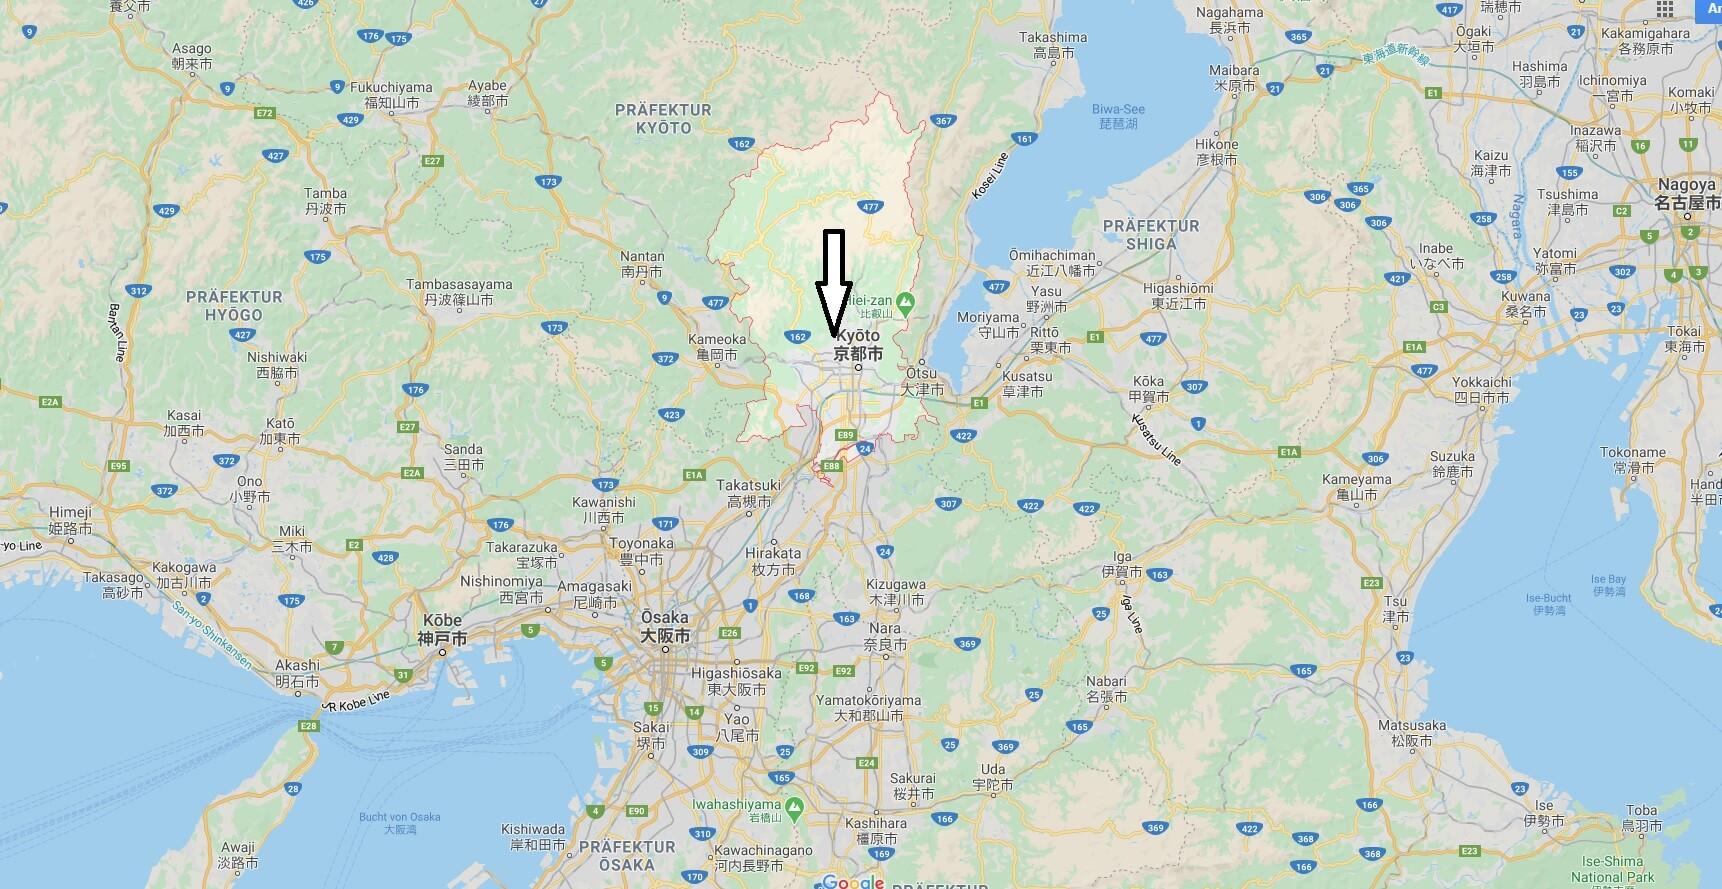 Wo liegt Kyoto? Wo ist Kyoto? in welchem land liegt Kyoto